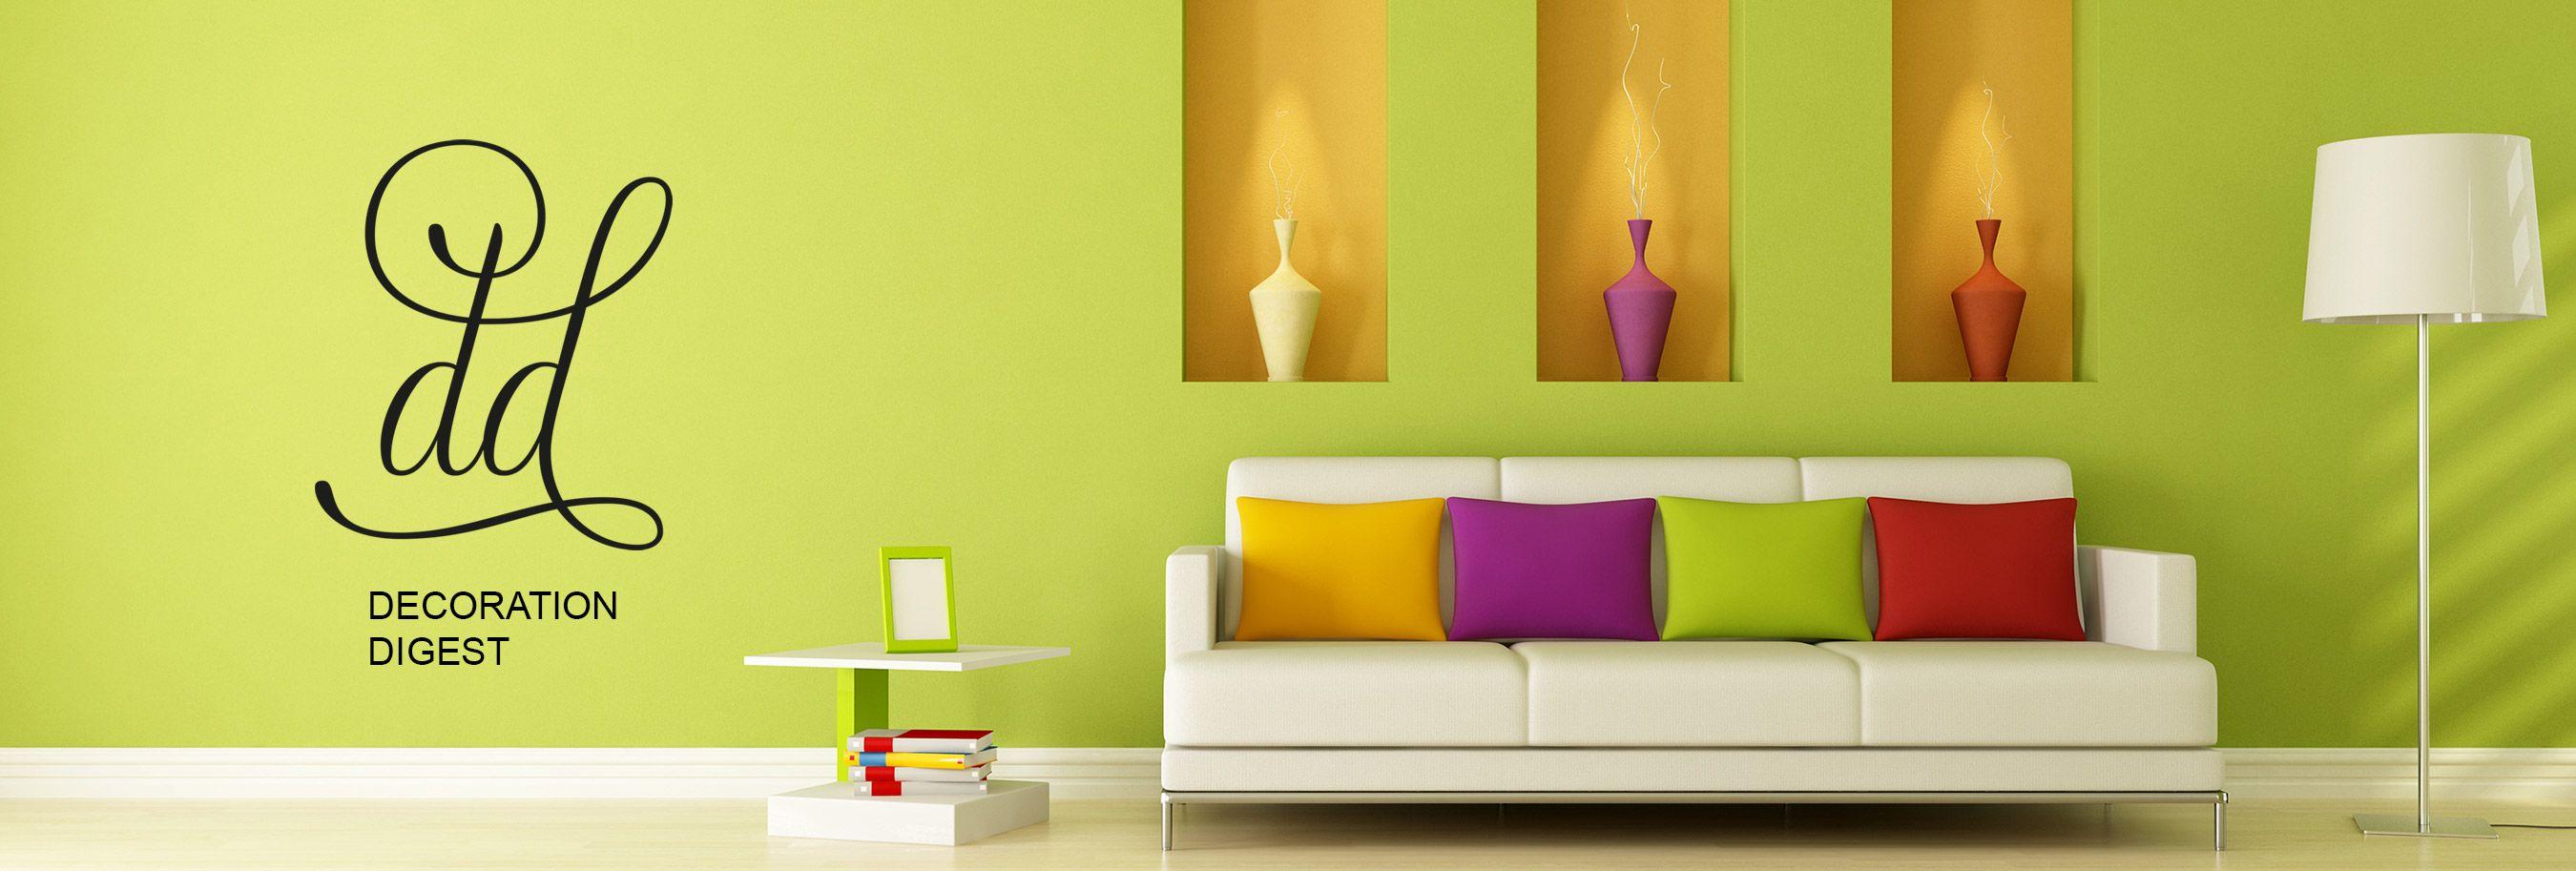 DECORATION DIGEST | Homes | Pinterest | Decoration